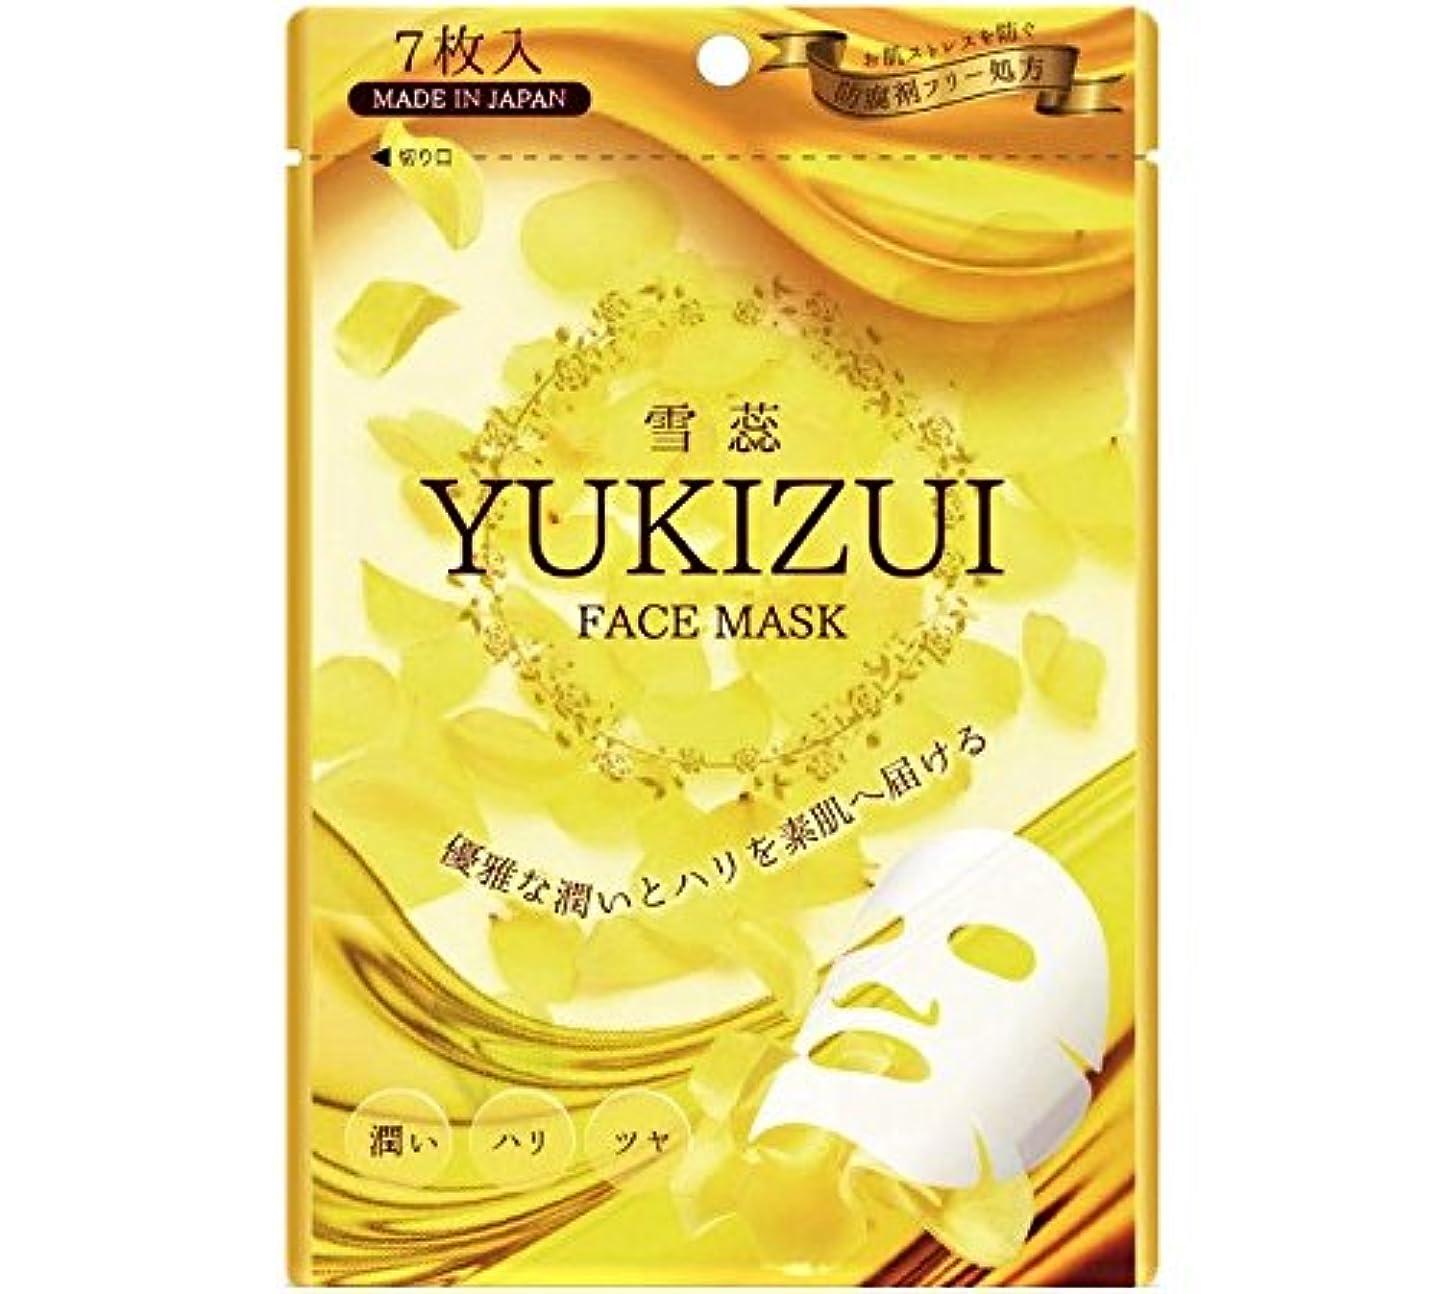 受け皿テキスト音節雪蕊 YUKIZUI フェイスマスク 防腐剤フリー 天然コットン使用でふんわり密着感 7枚入